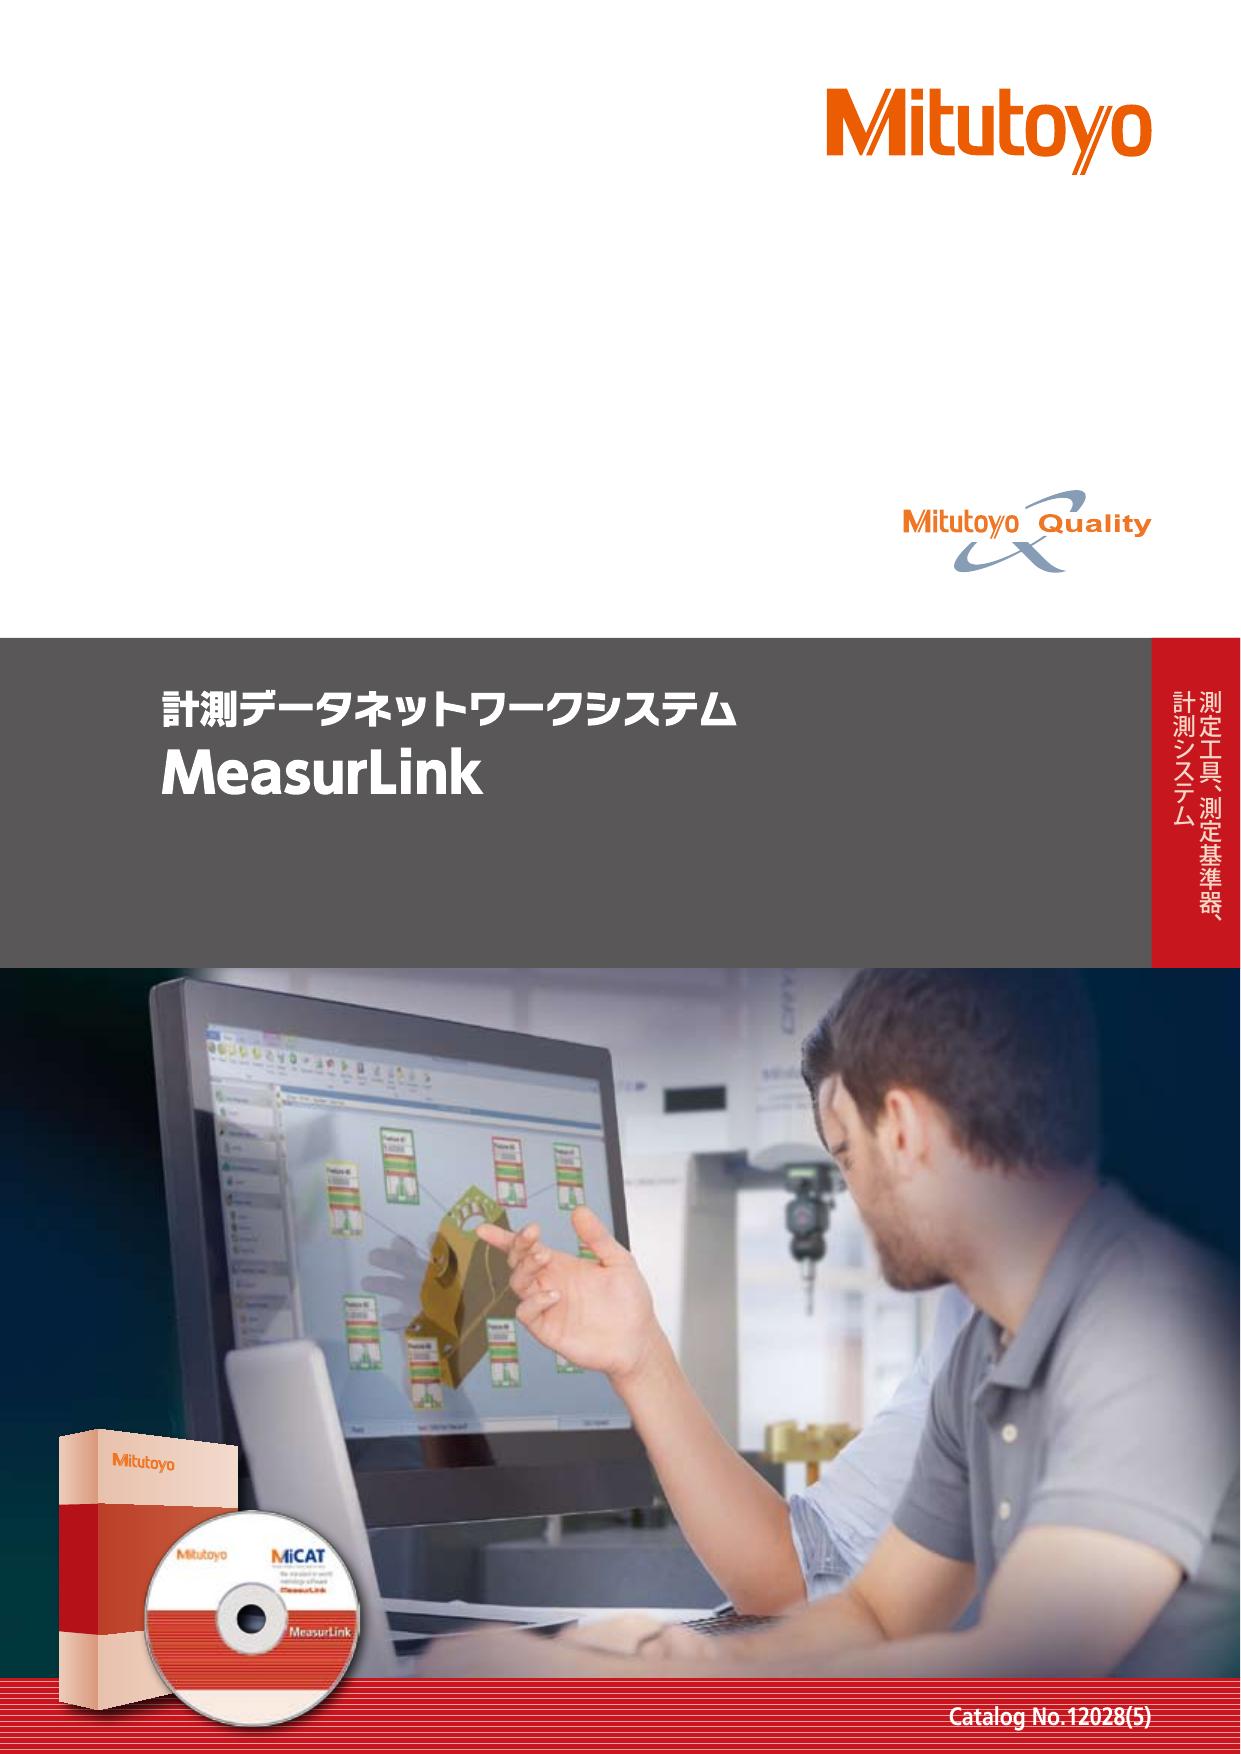 計測データネットワークシステム MeasurLink